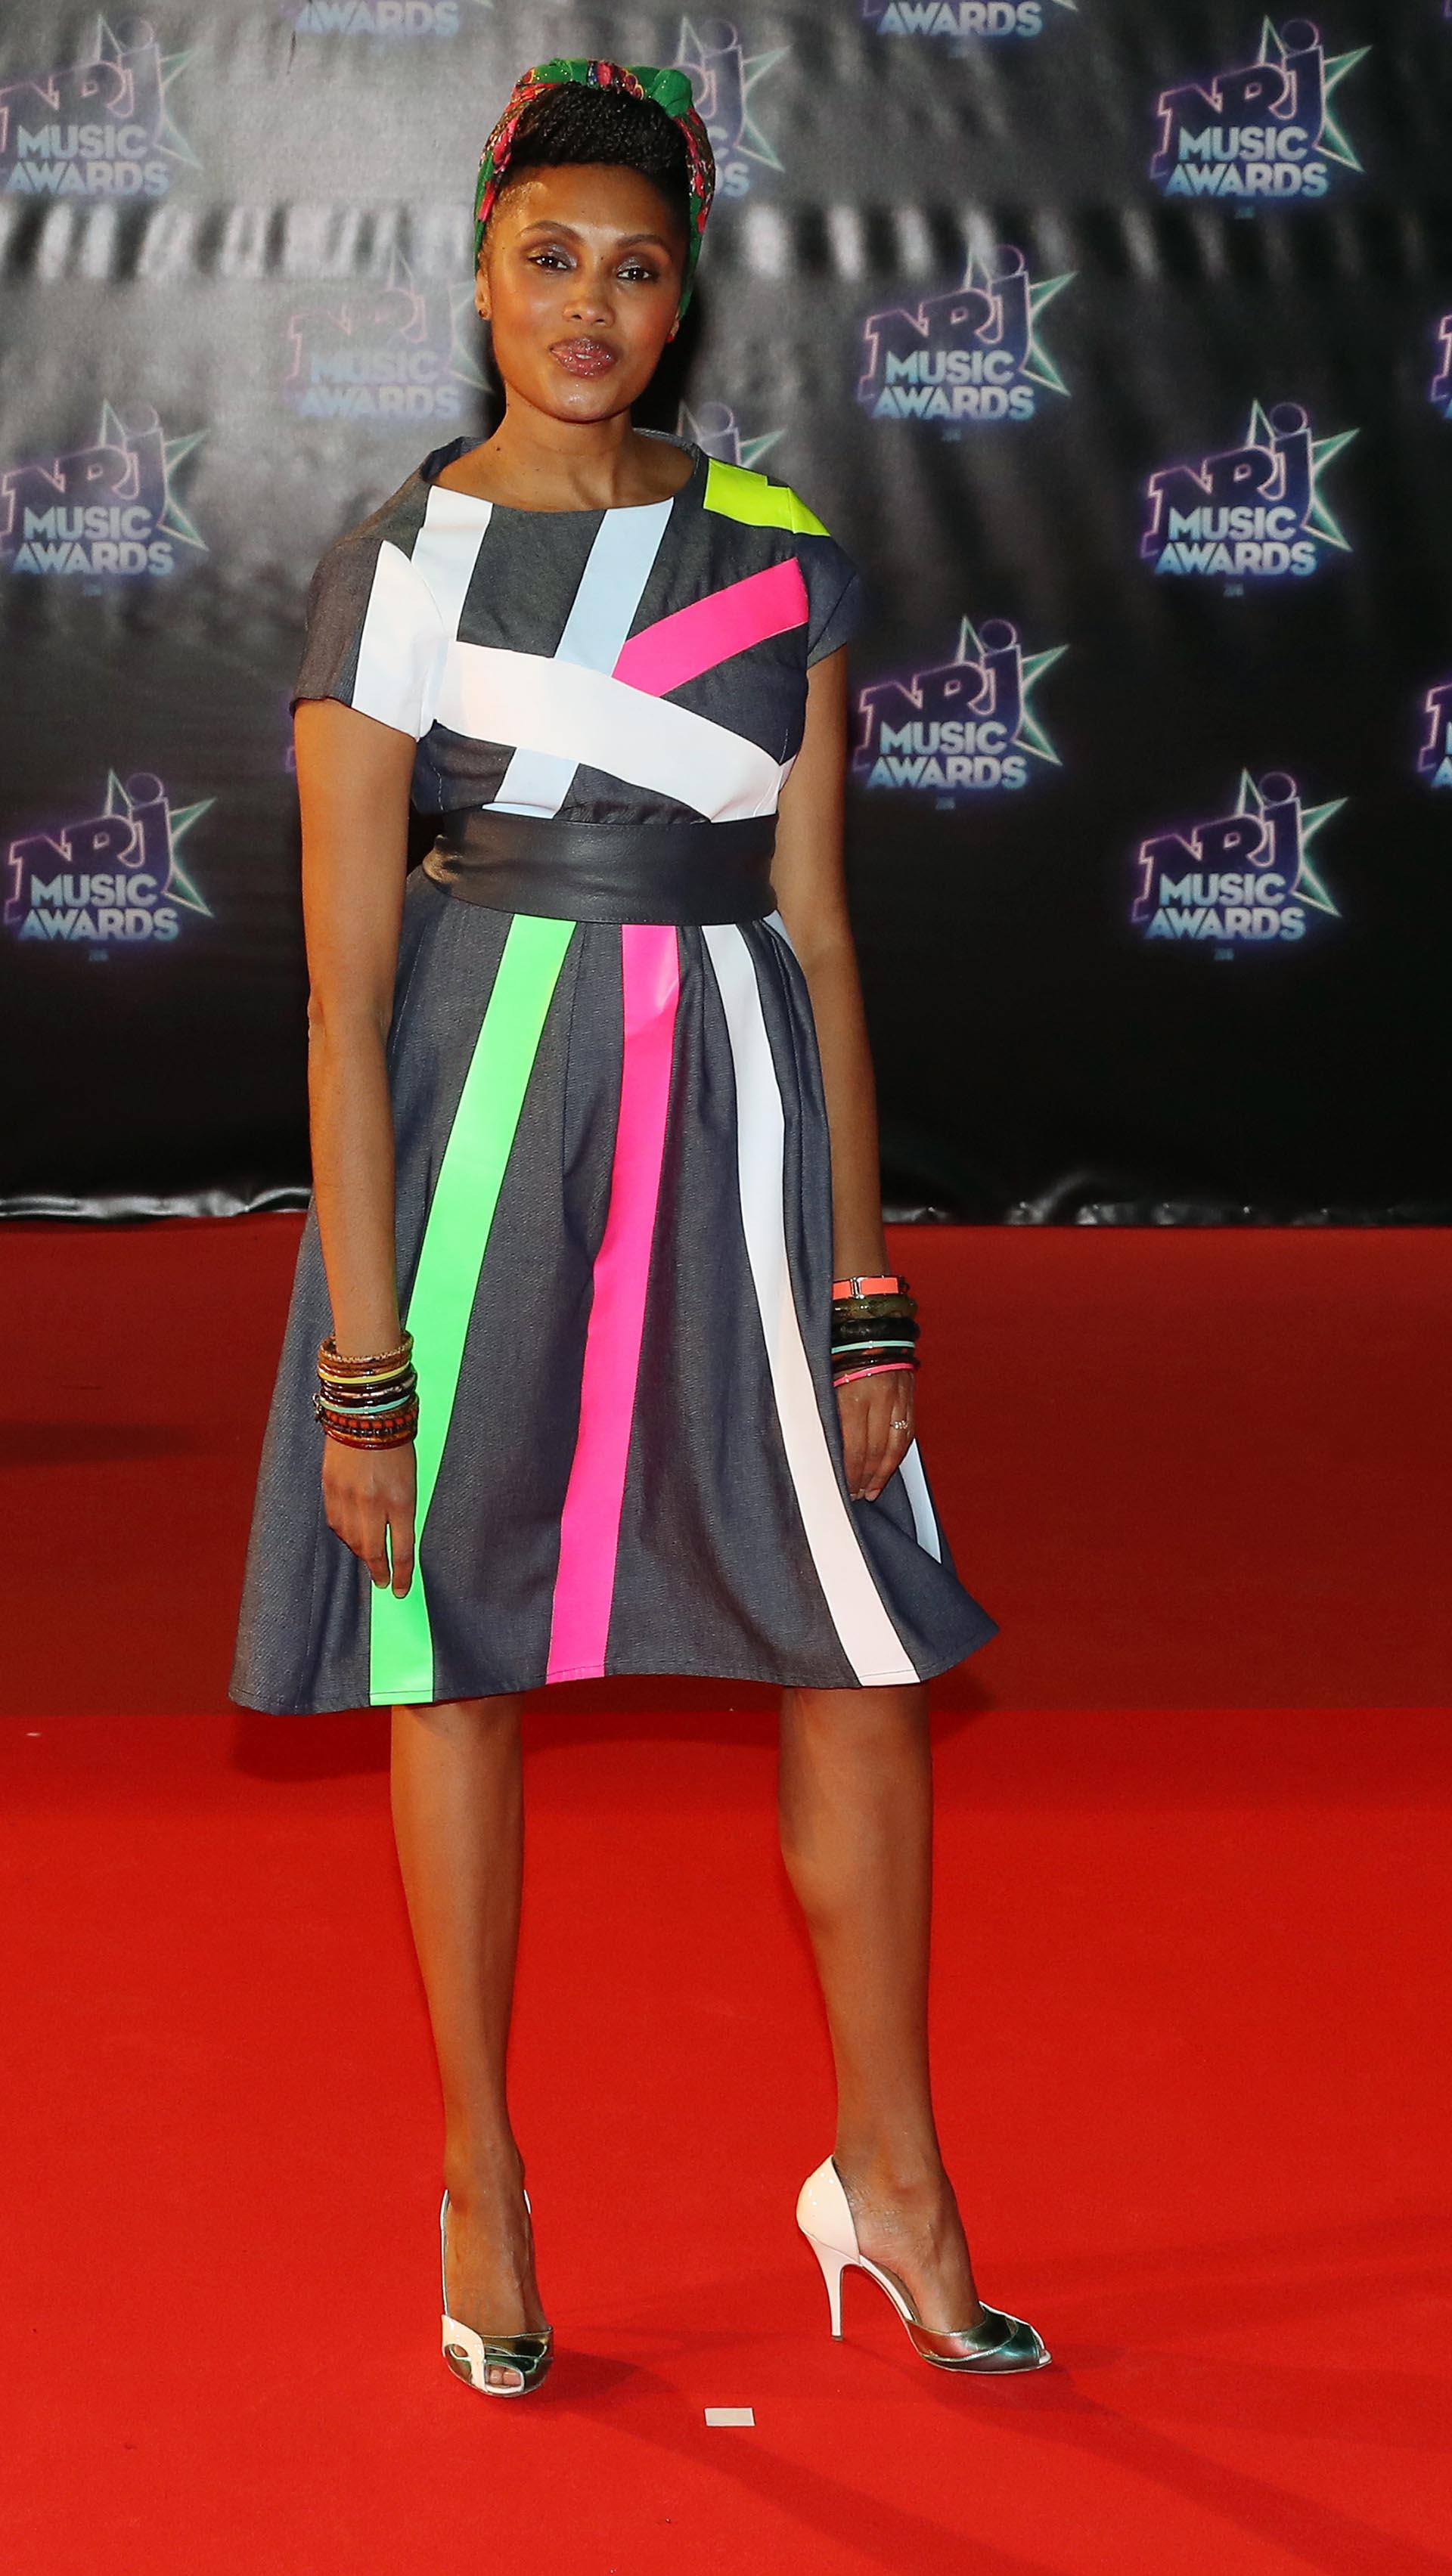 La cantante francesa Imany eligió un original diseño de tiras multicolor